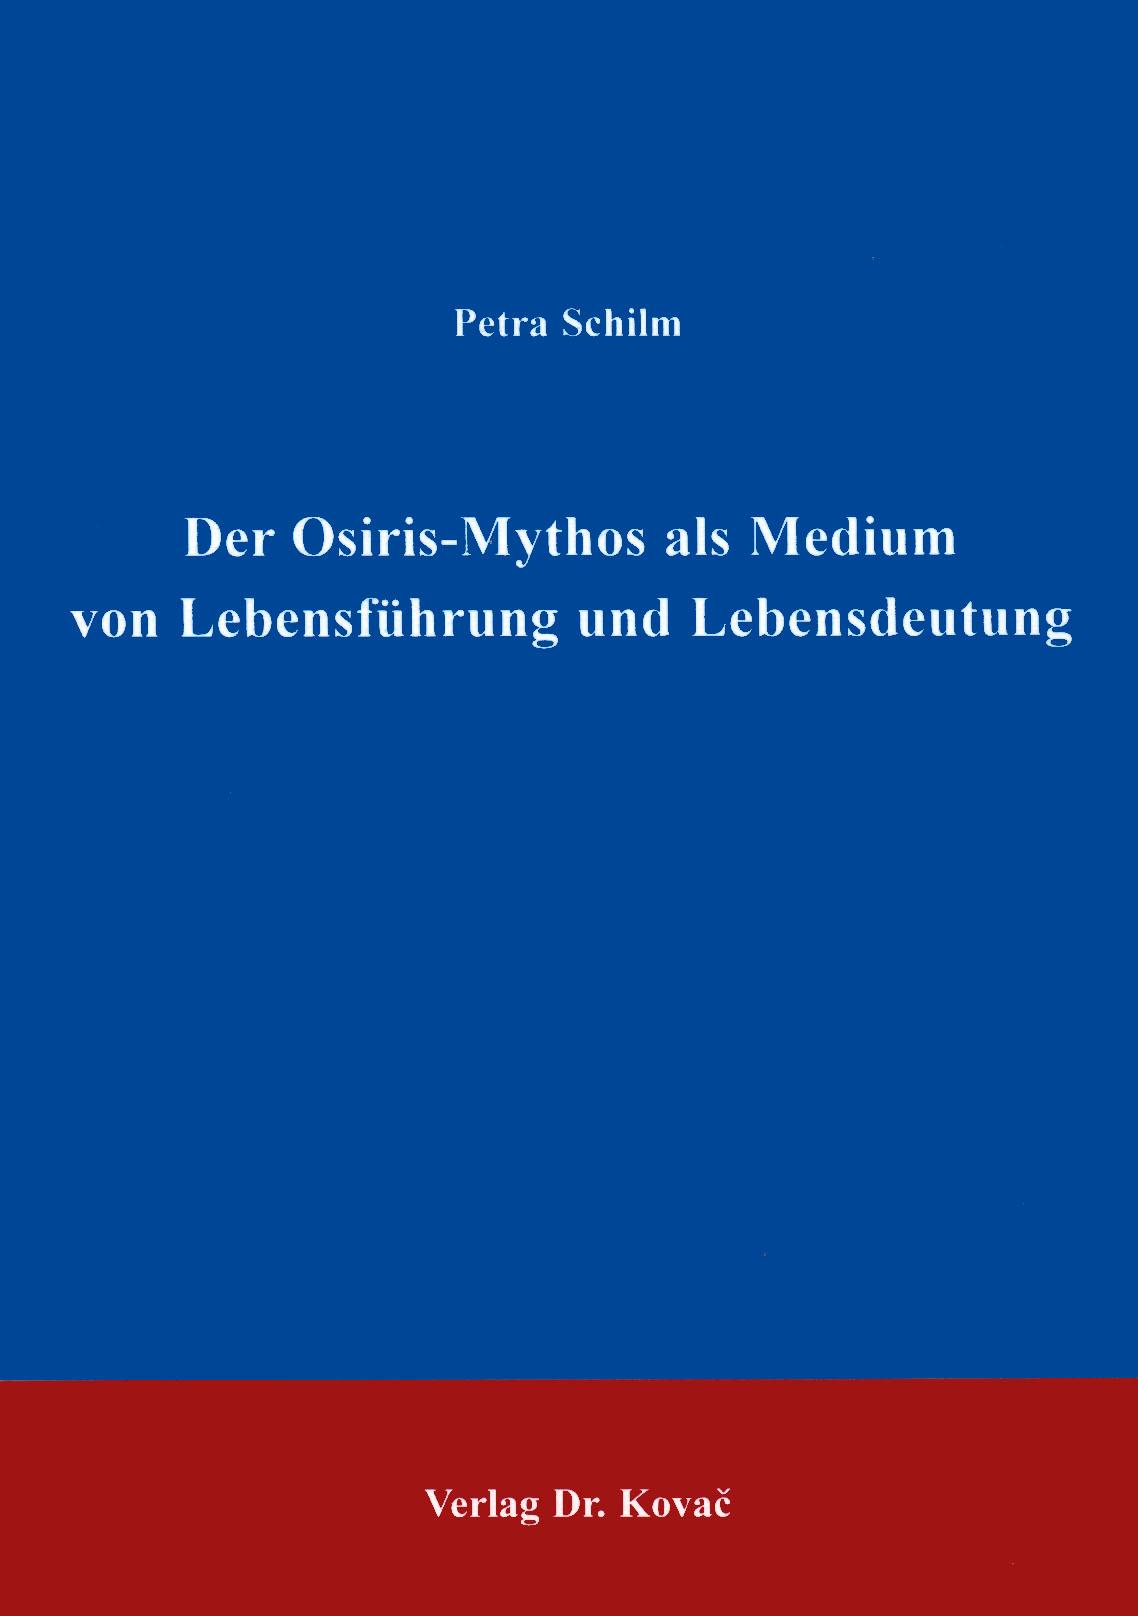 Cover: Der Osiris-Mythos als Medium von Lebensführung und Lebensdeutung